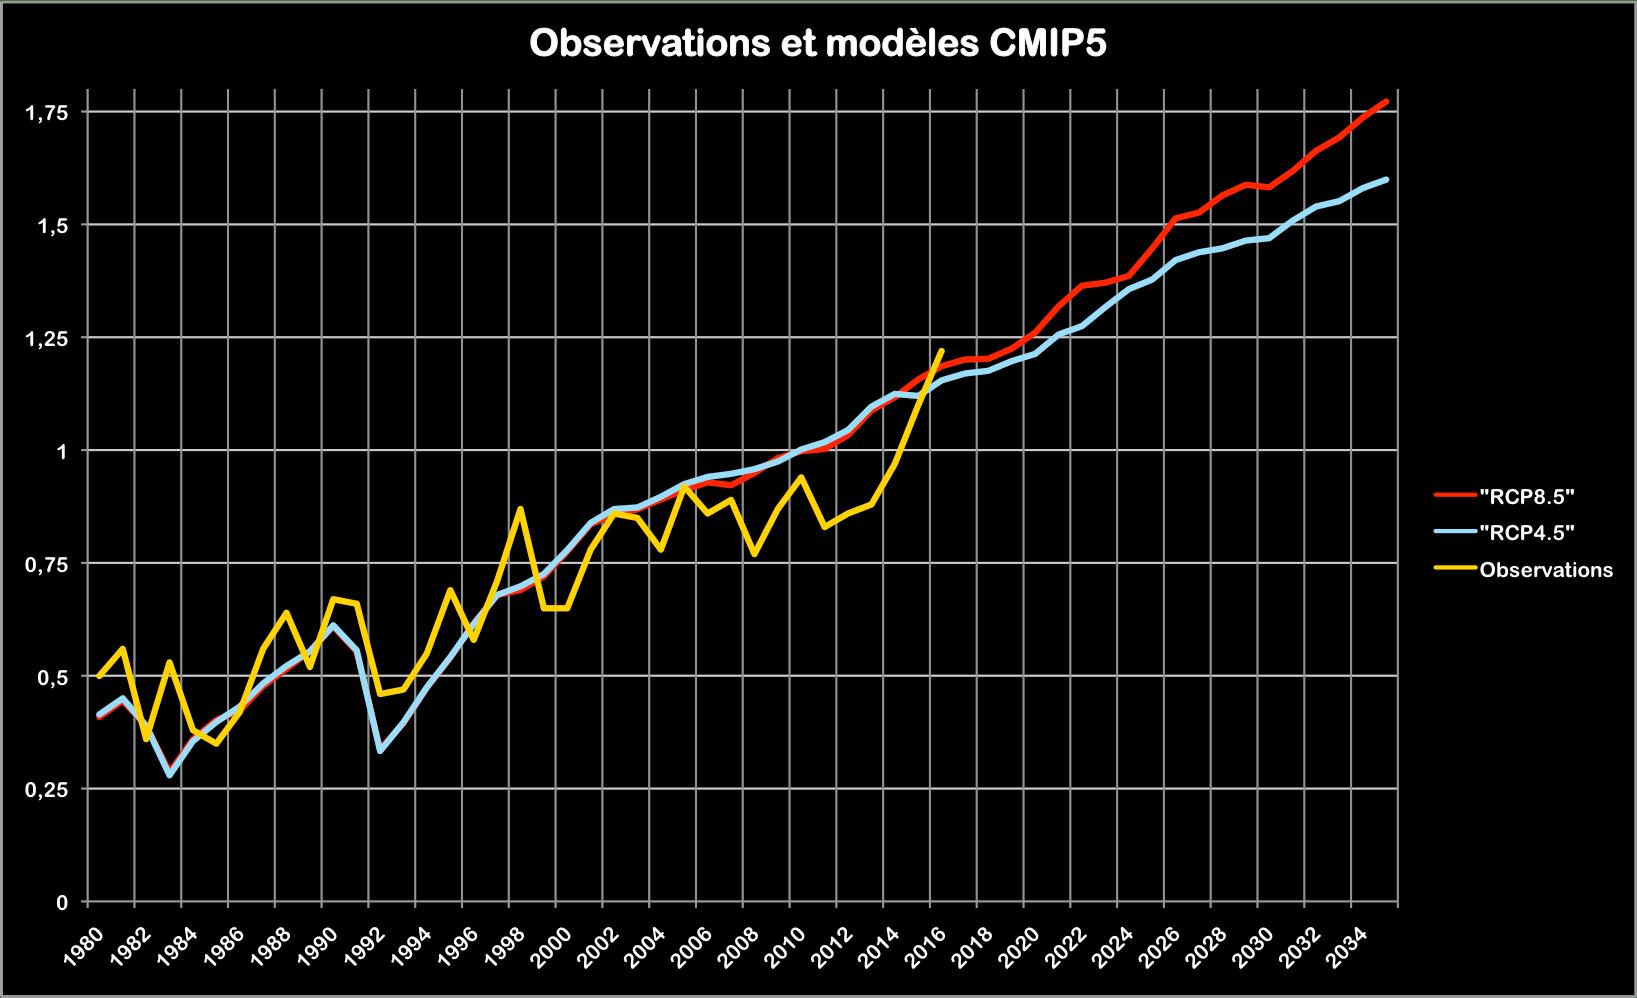 La trajectoire des +1,5°C modulée par les variations du Pacifique